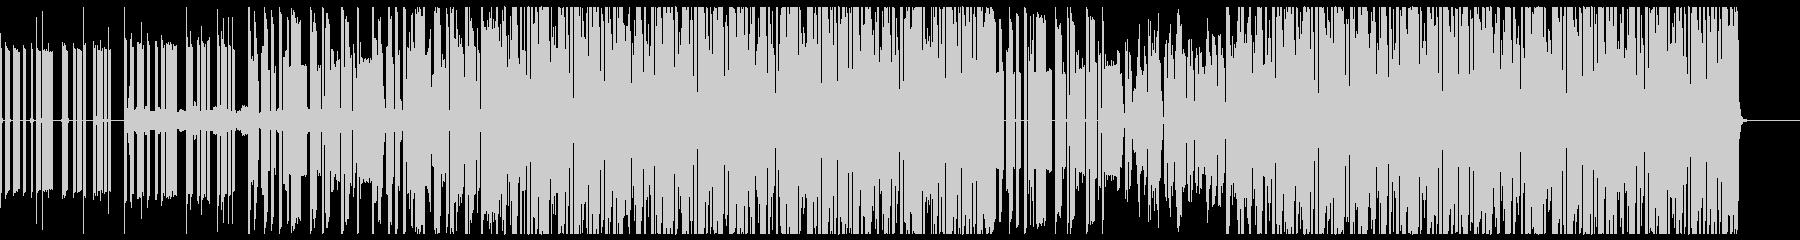 ゲーム的ポップチューン音楽の未再生の波形